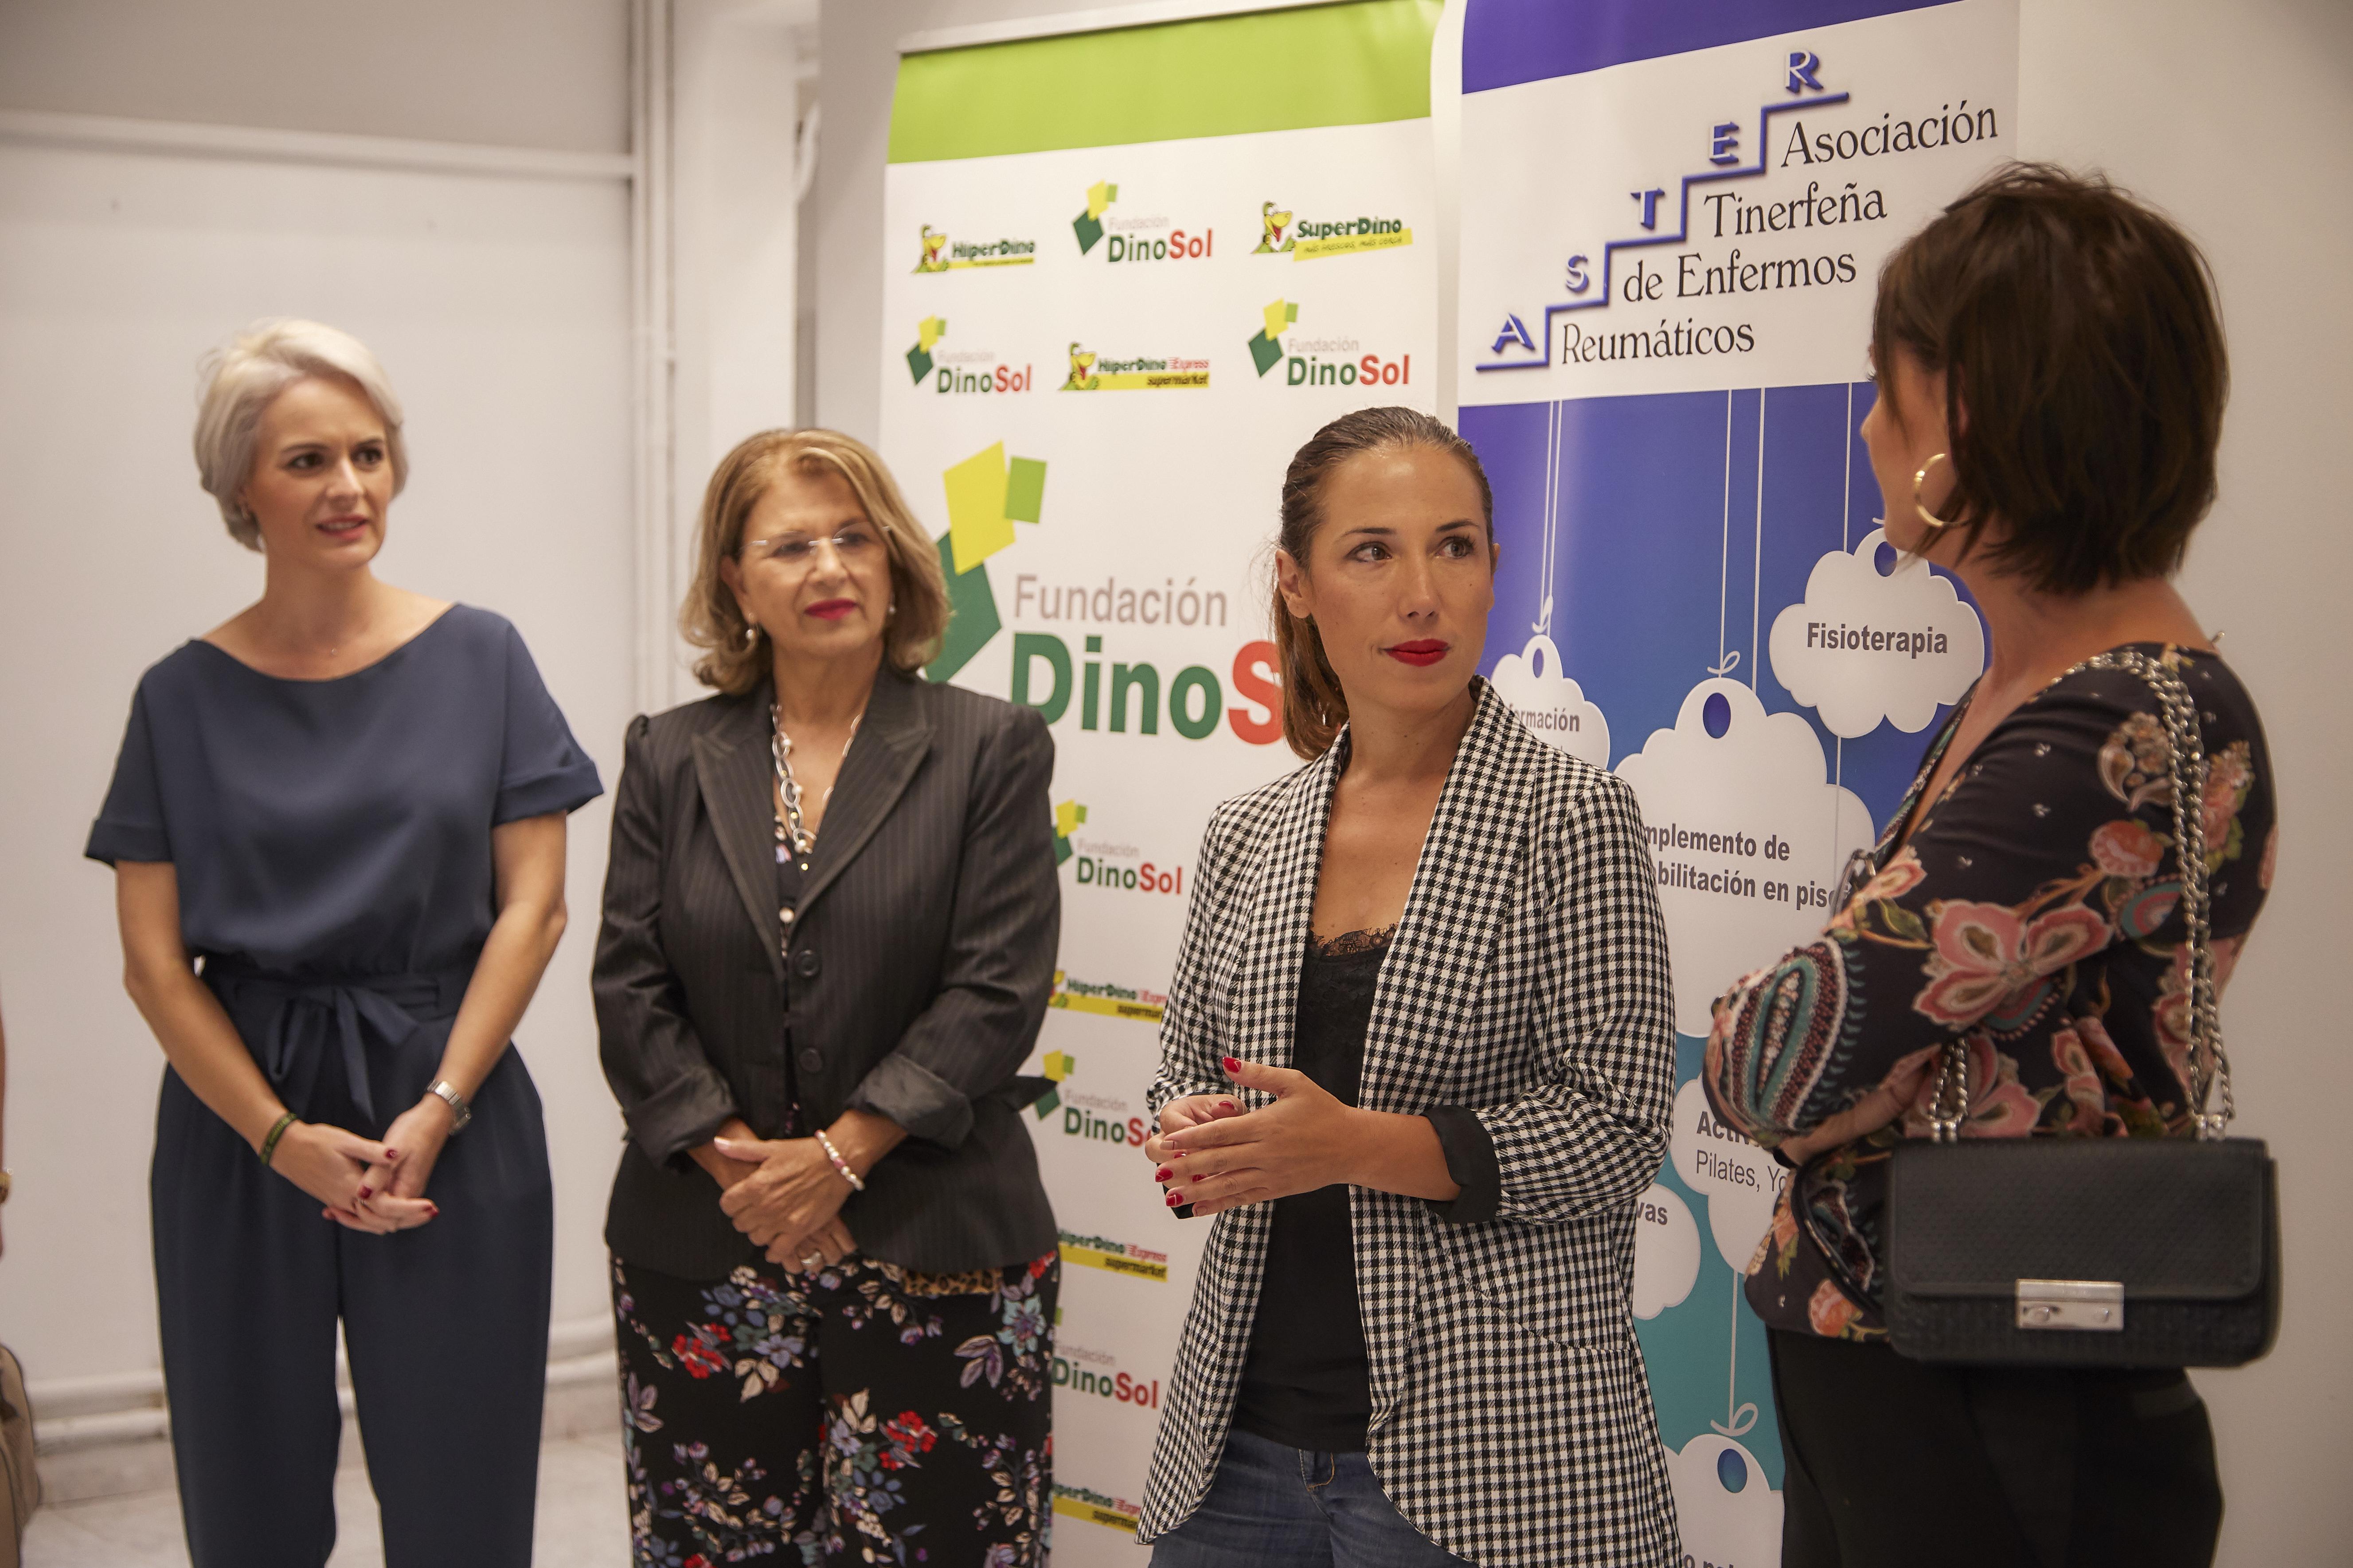 La alcaldesa de Santa Cruz de Tenerife acude a la apertura de una nueva sede de ASTER en la capital